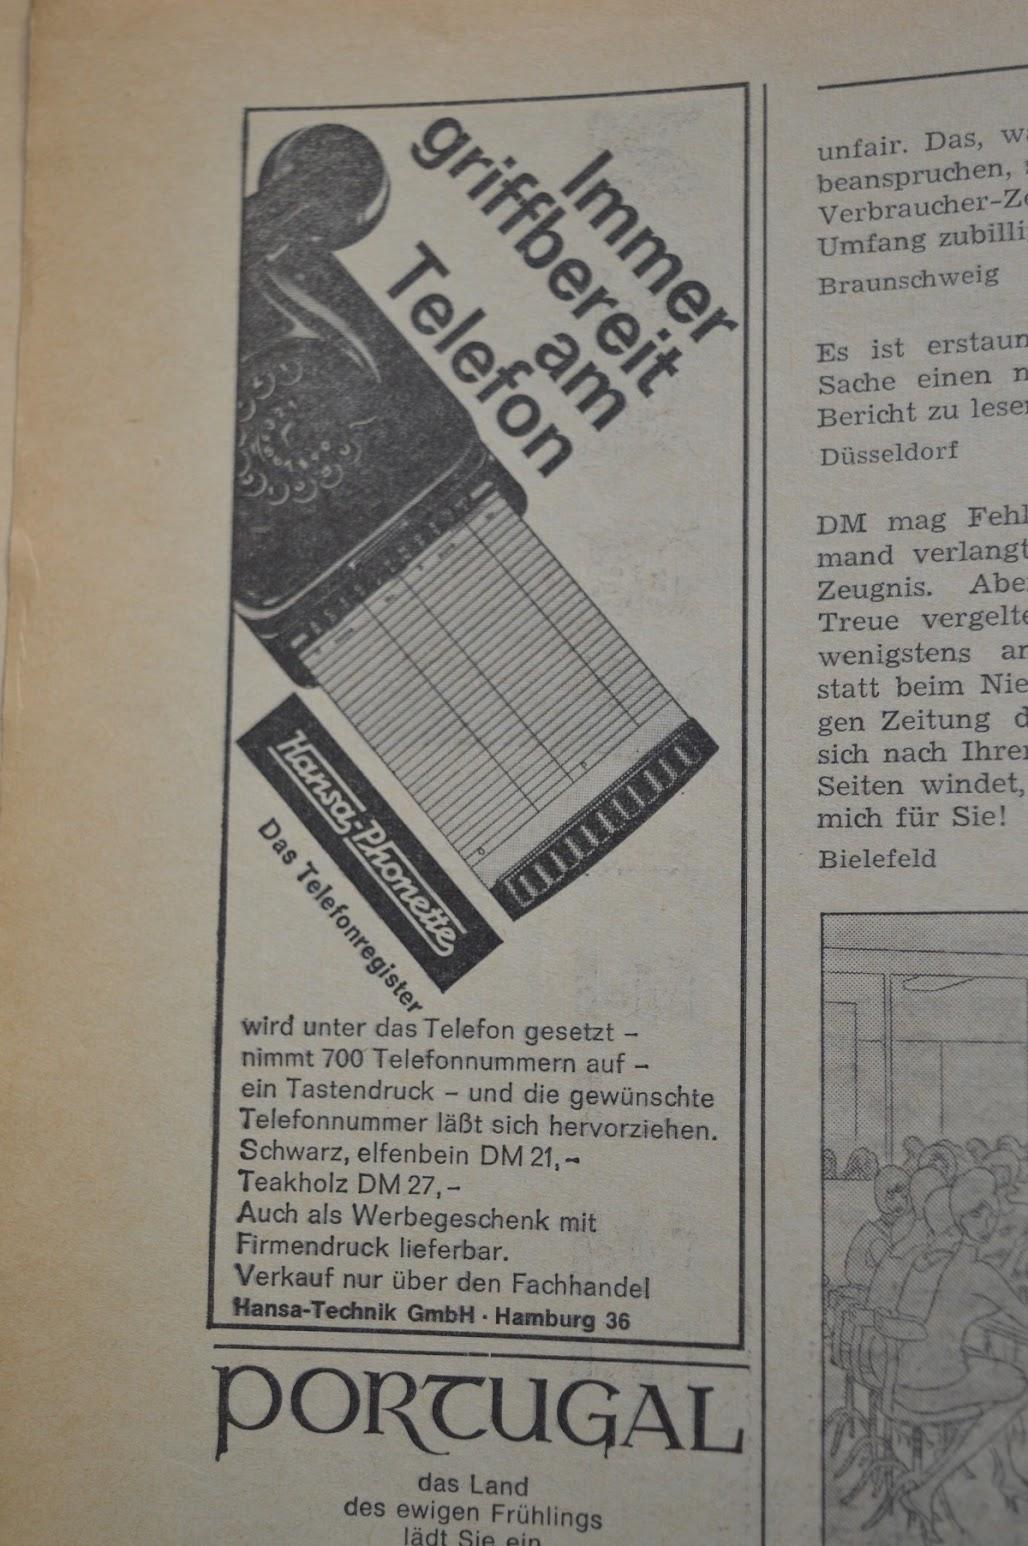 DER SPIEGEL, 29. April 1964 - Werbung für die Hansa Phonette